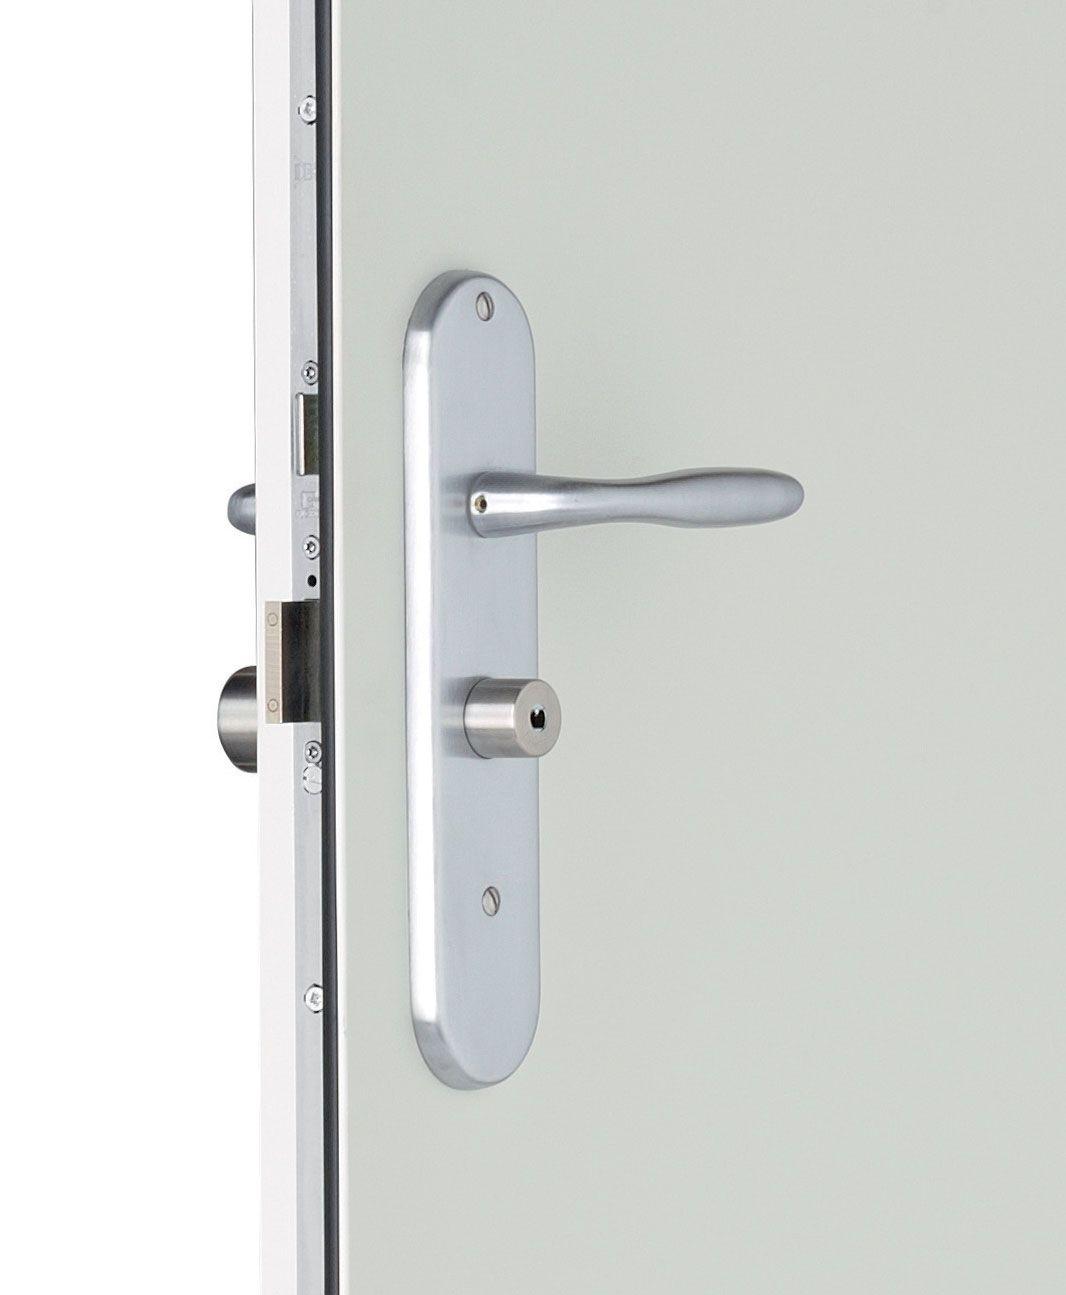 La porte communication int rieure vous offre une s curit Porte de service blindee lapeyre